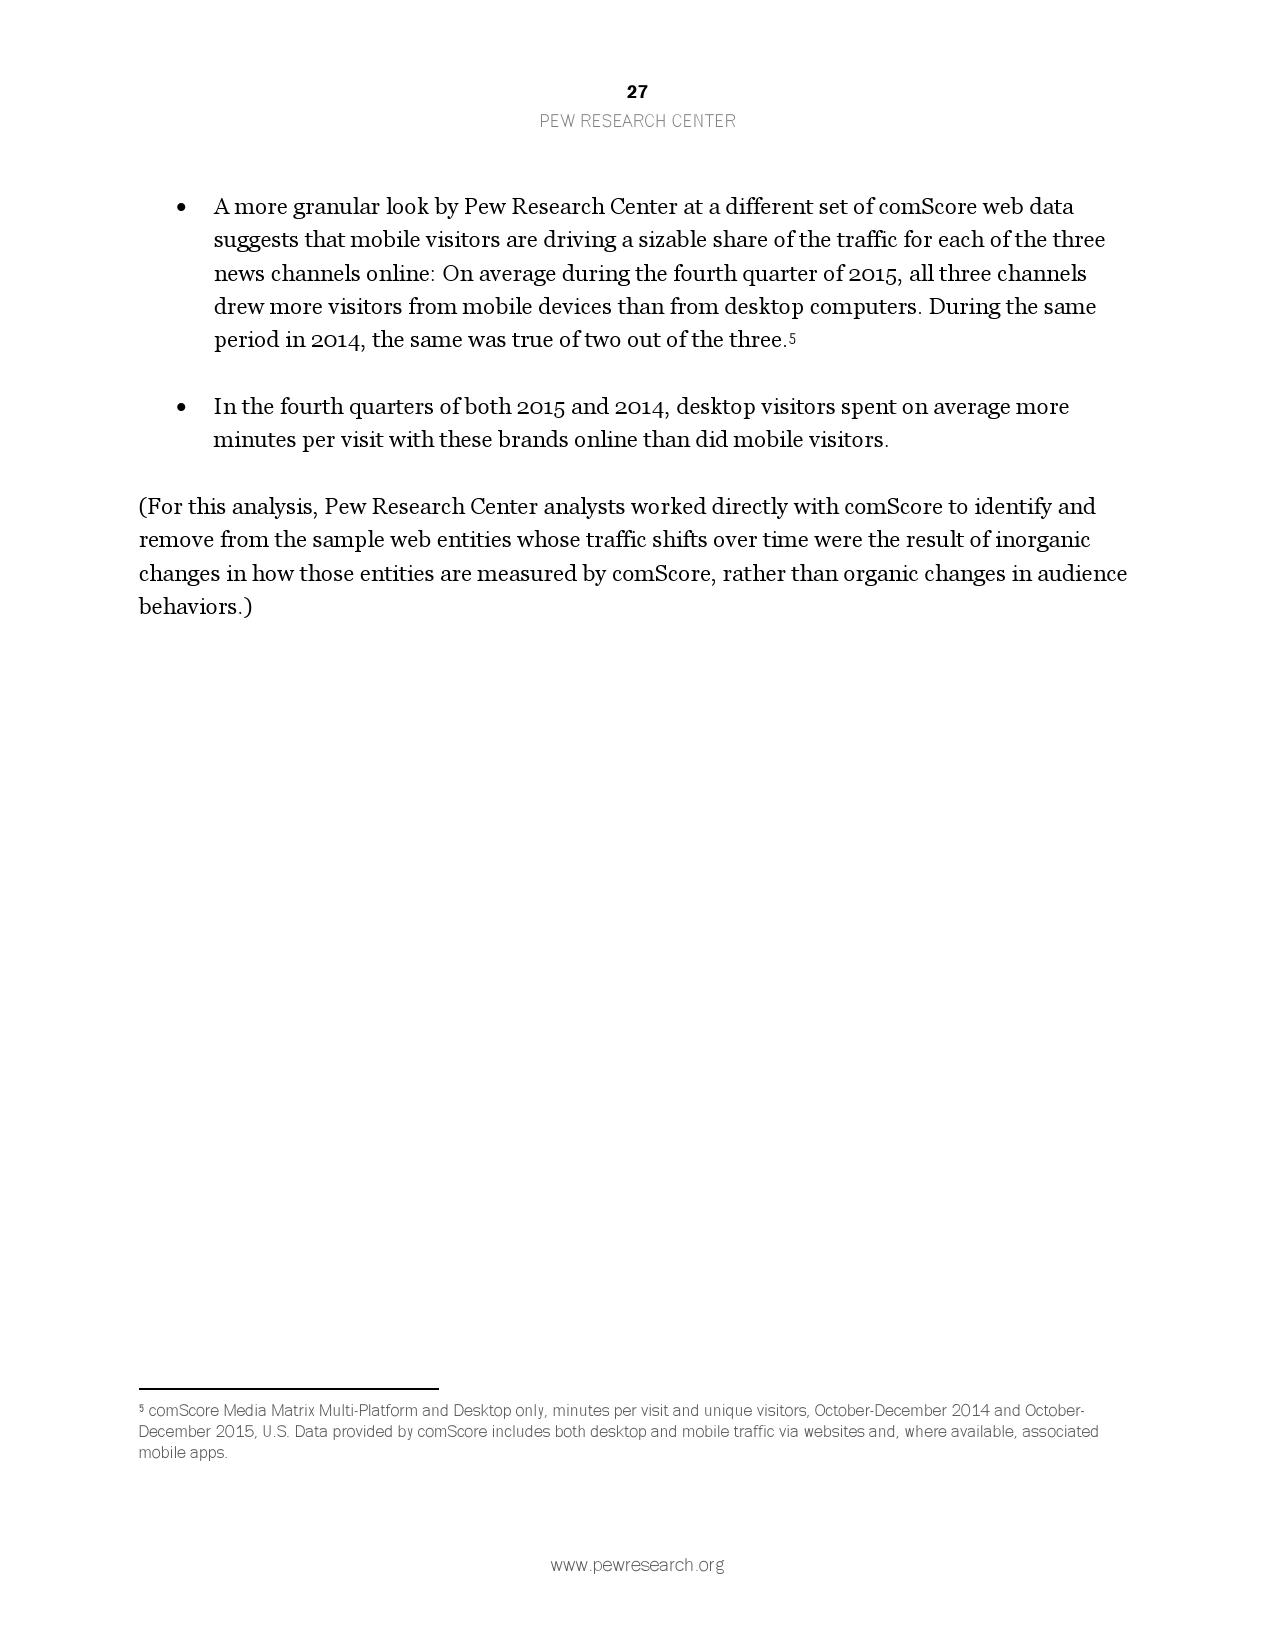 2016美国新媒体研究报告_000027